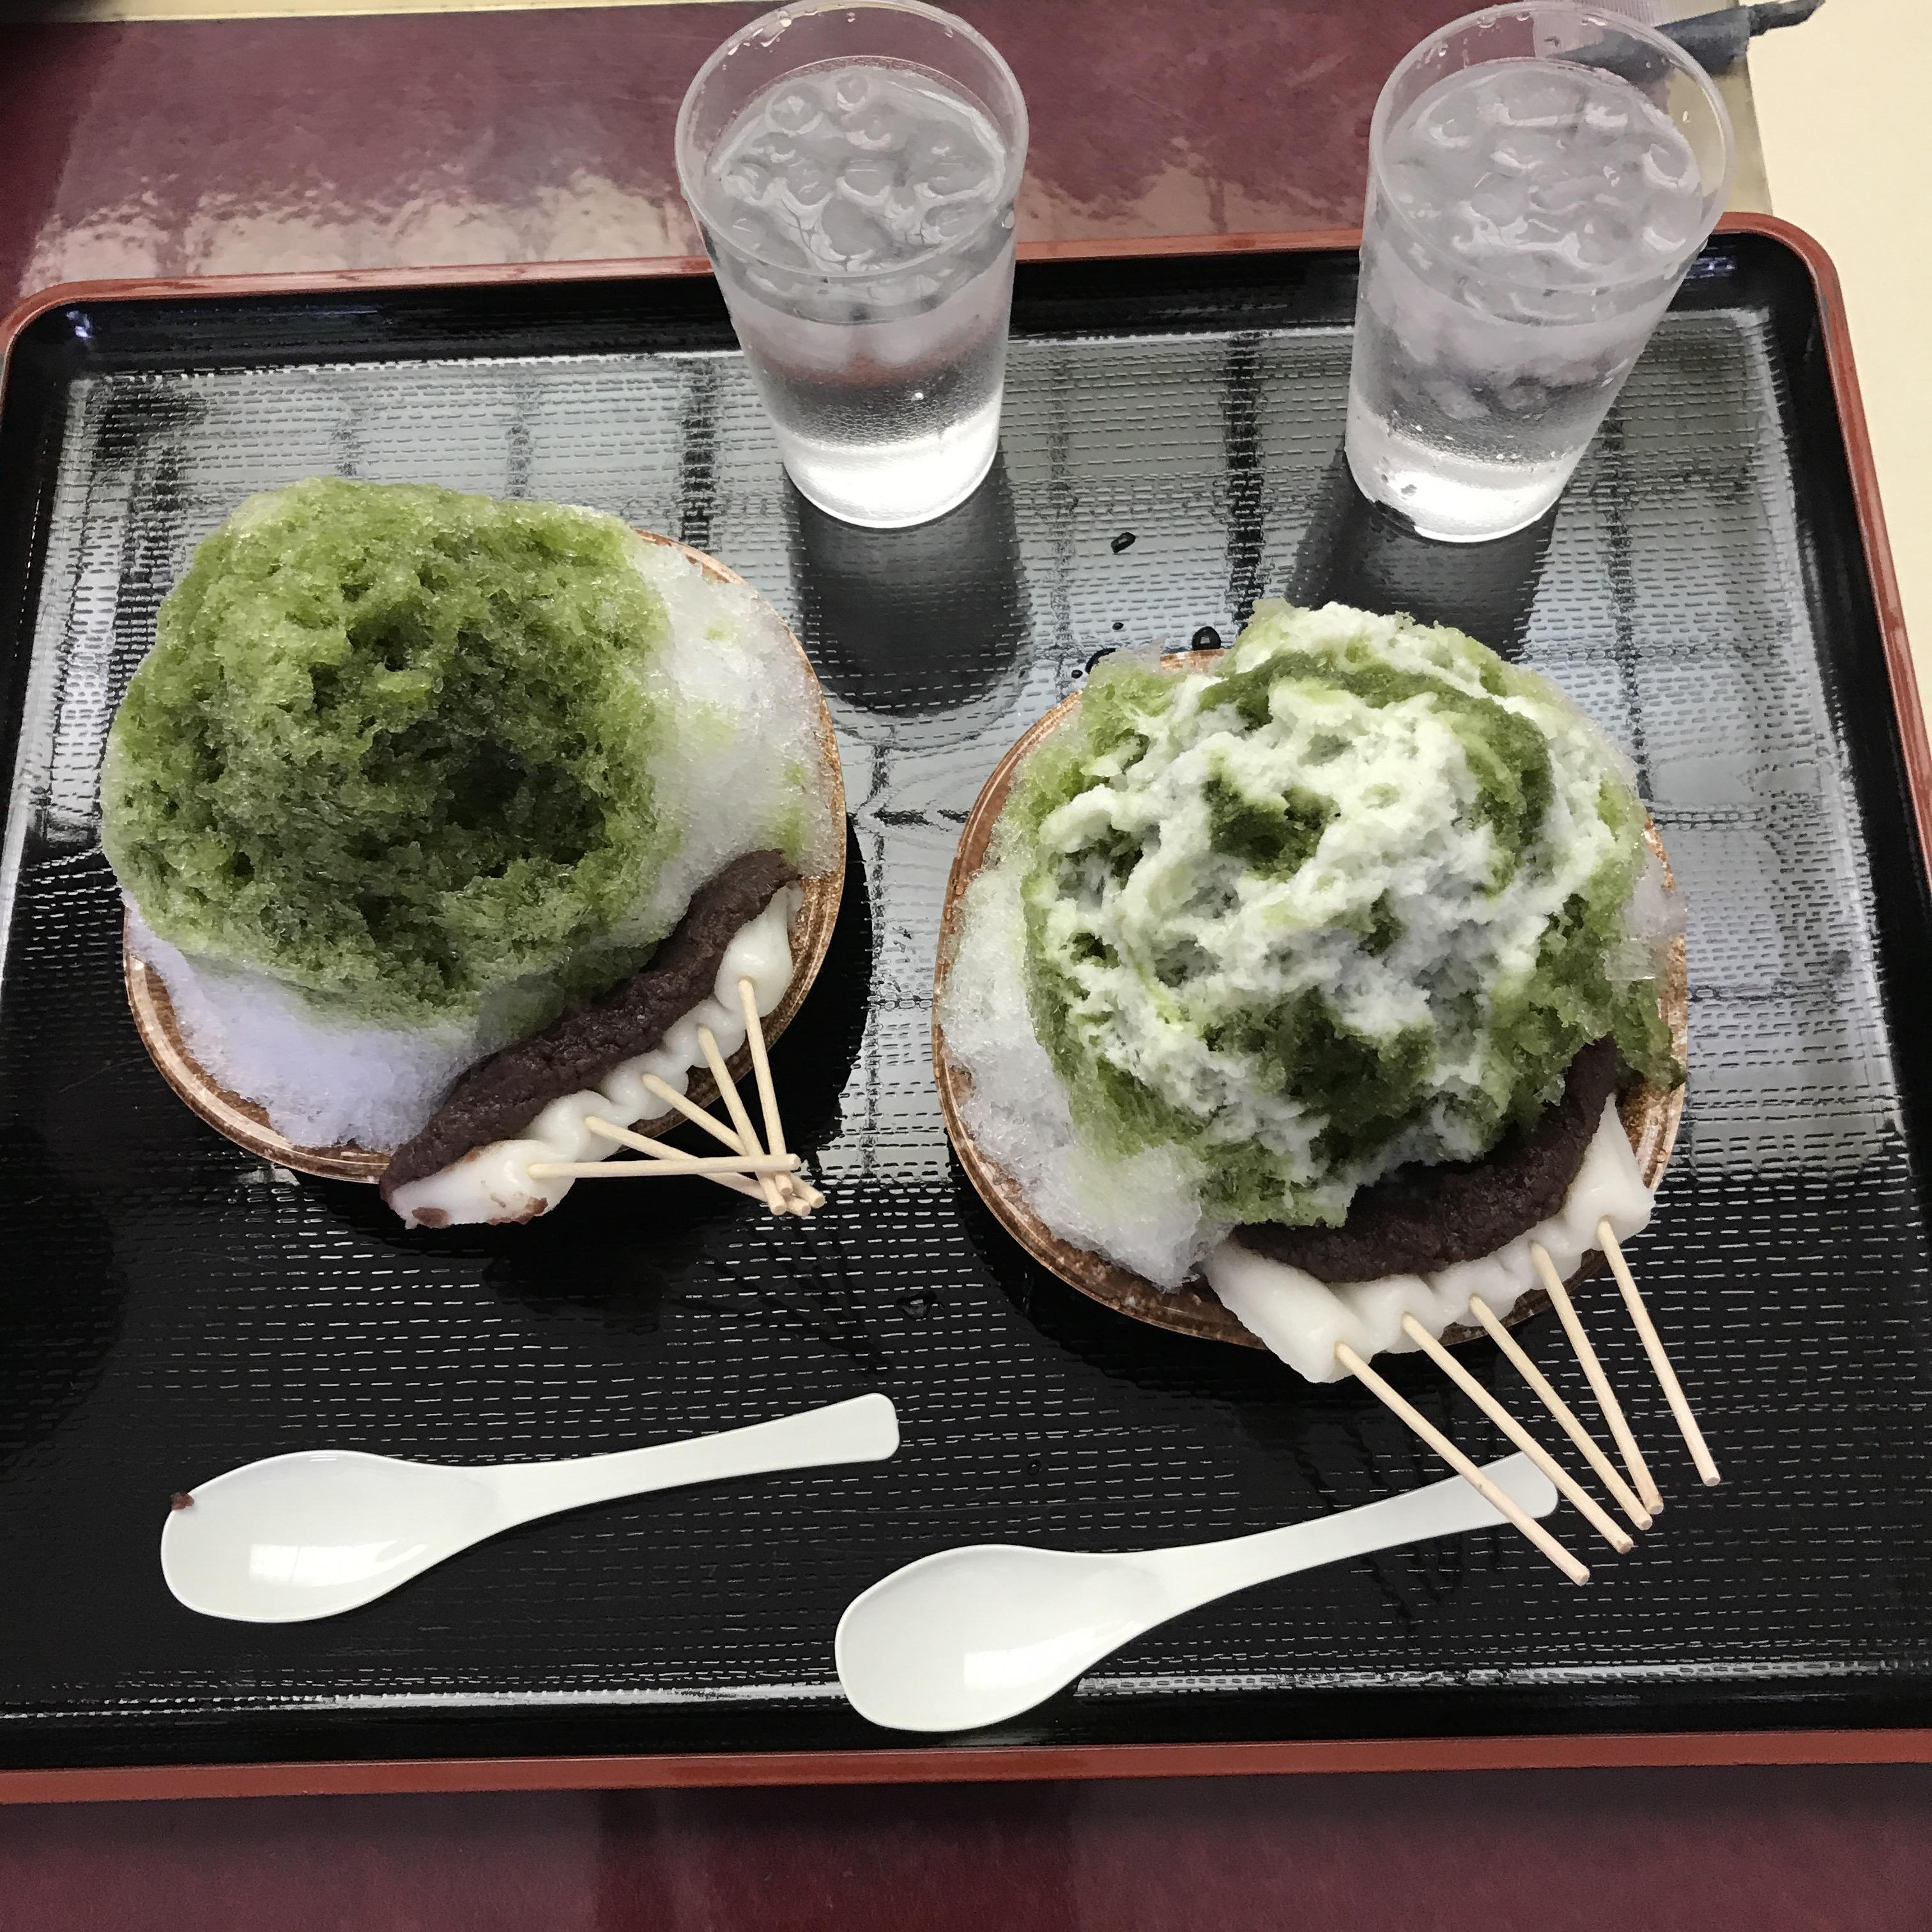 法多山で期間限定 かき氷 「厄除氷」を食べに行ってきた